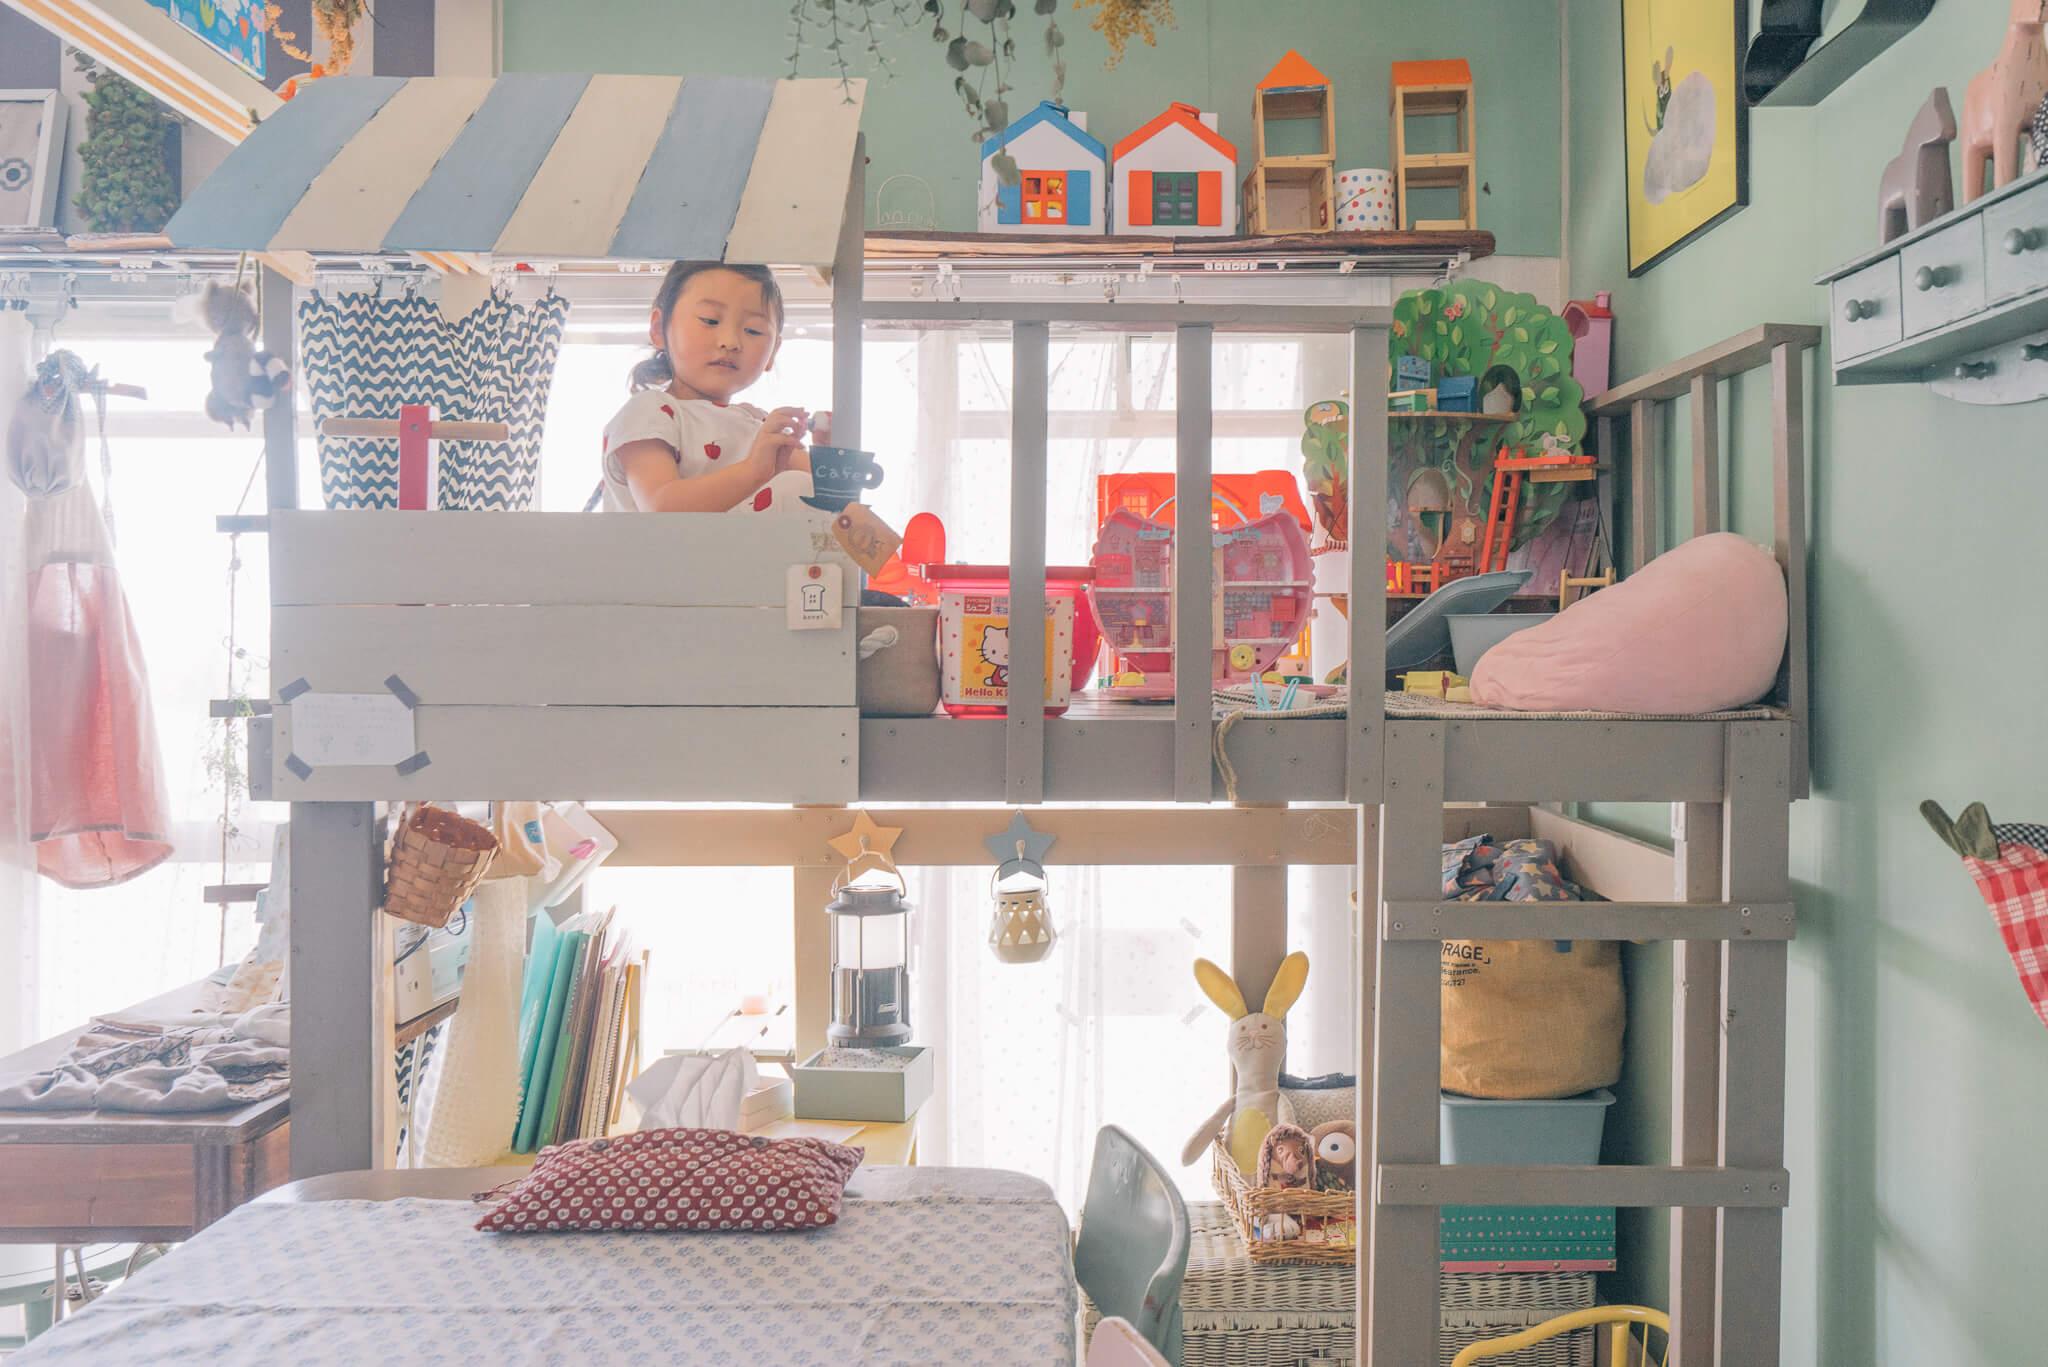 「下」を活用するのもアリですが、「上」もまたアリ。asami  さんのお部屋では、子どもたちが自由に遊べる「基地」としてホームセンターの2×4材でロフトを製作。これなら、おもちゃが出しっぱなしでも気にならない。(このお部屋はこちら)